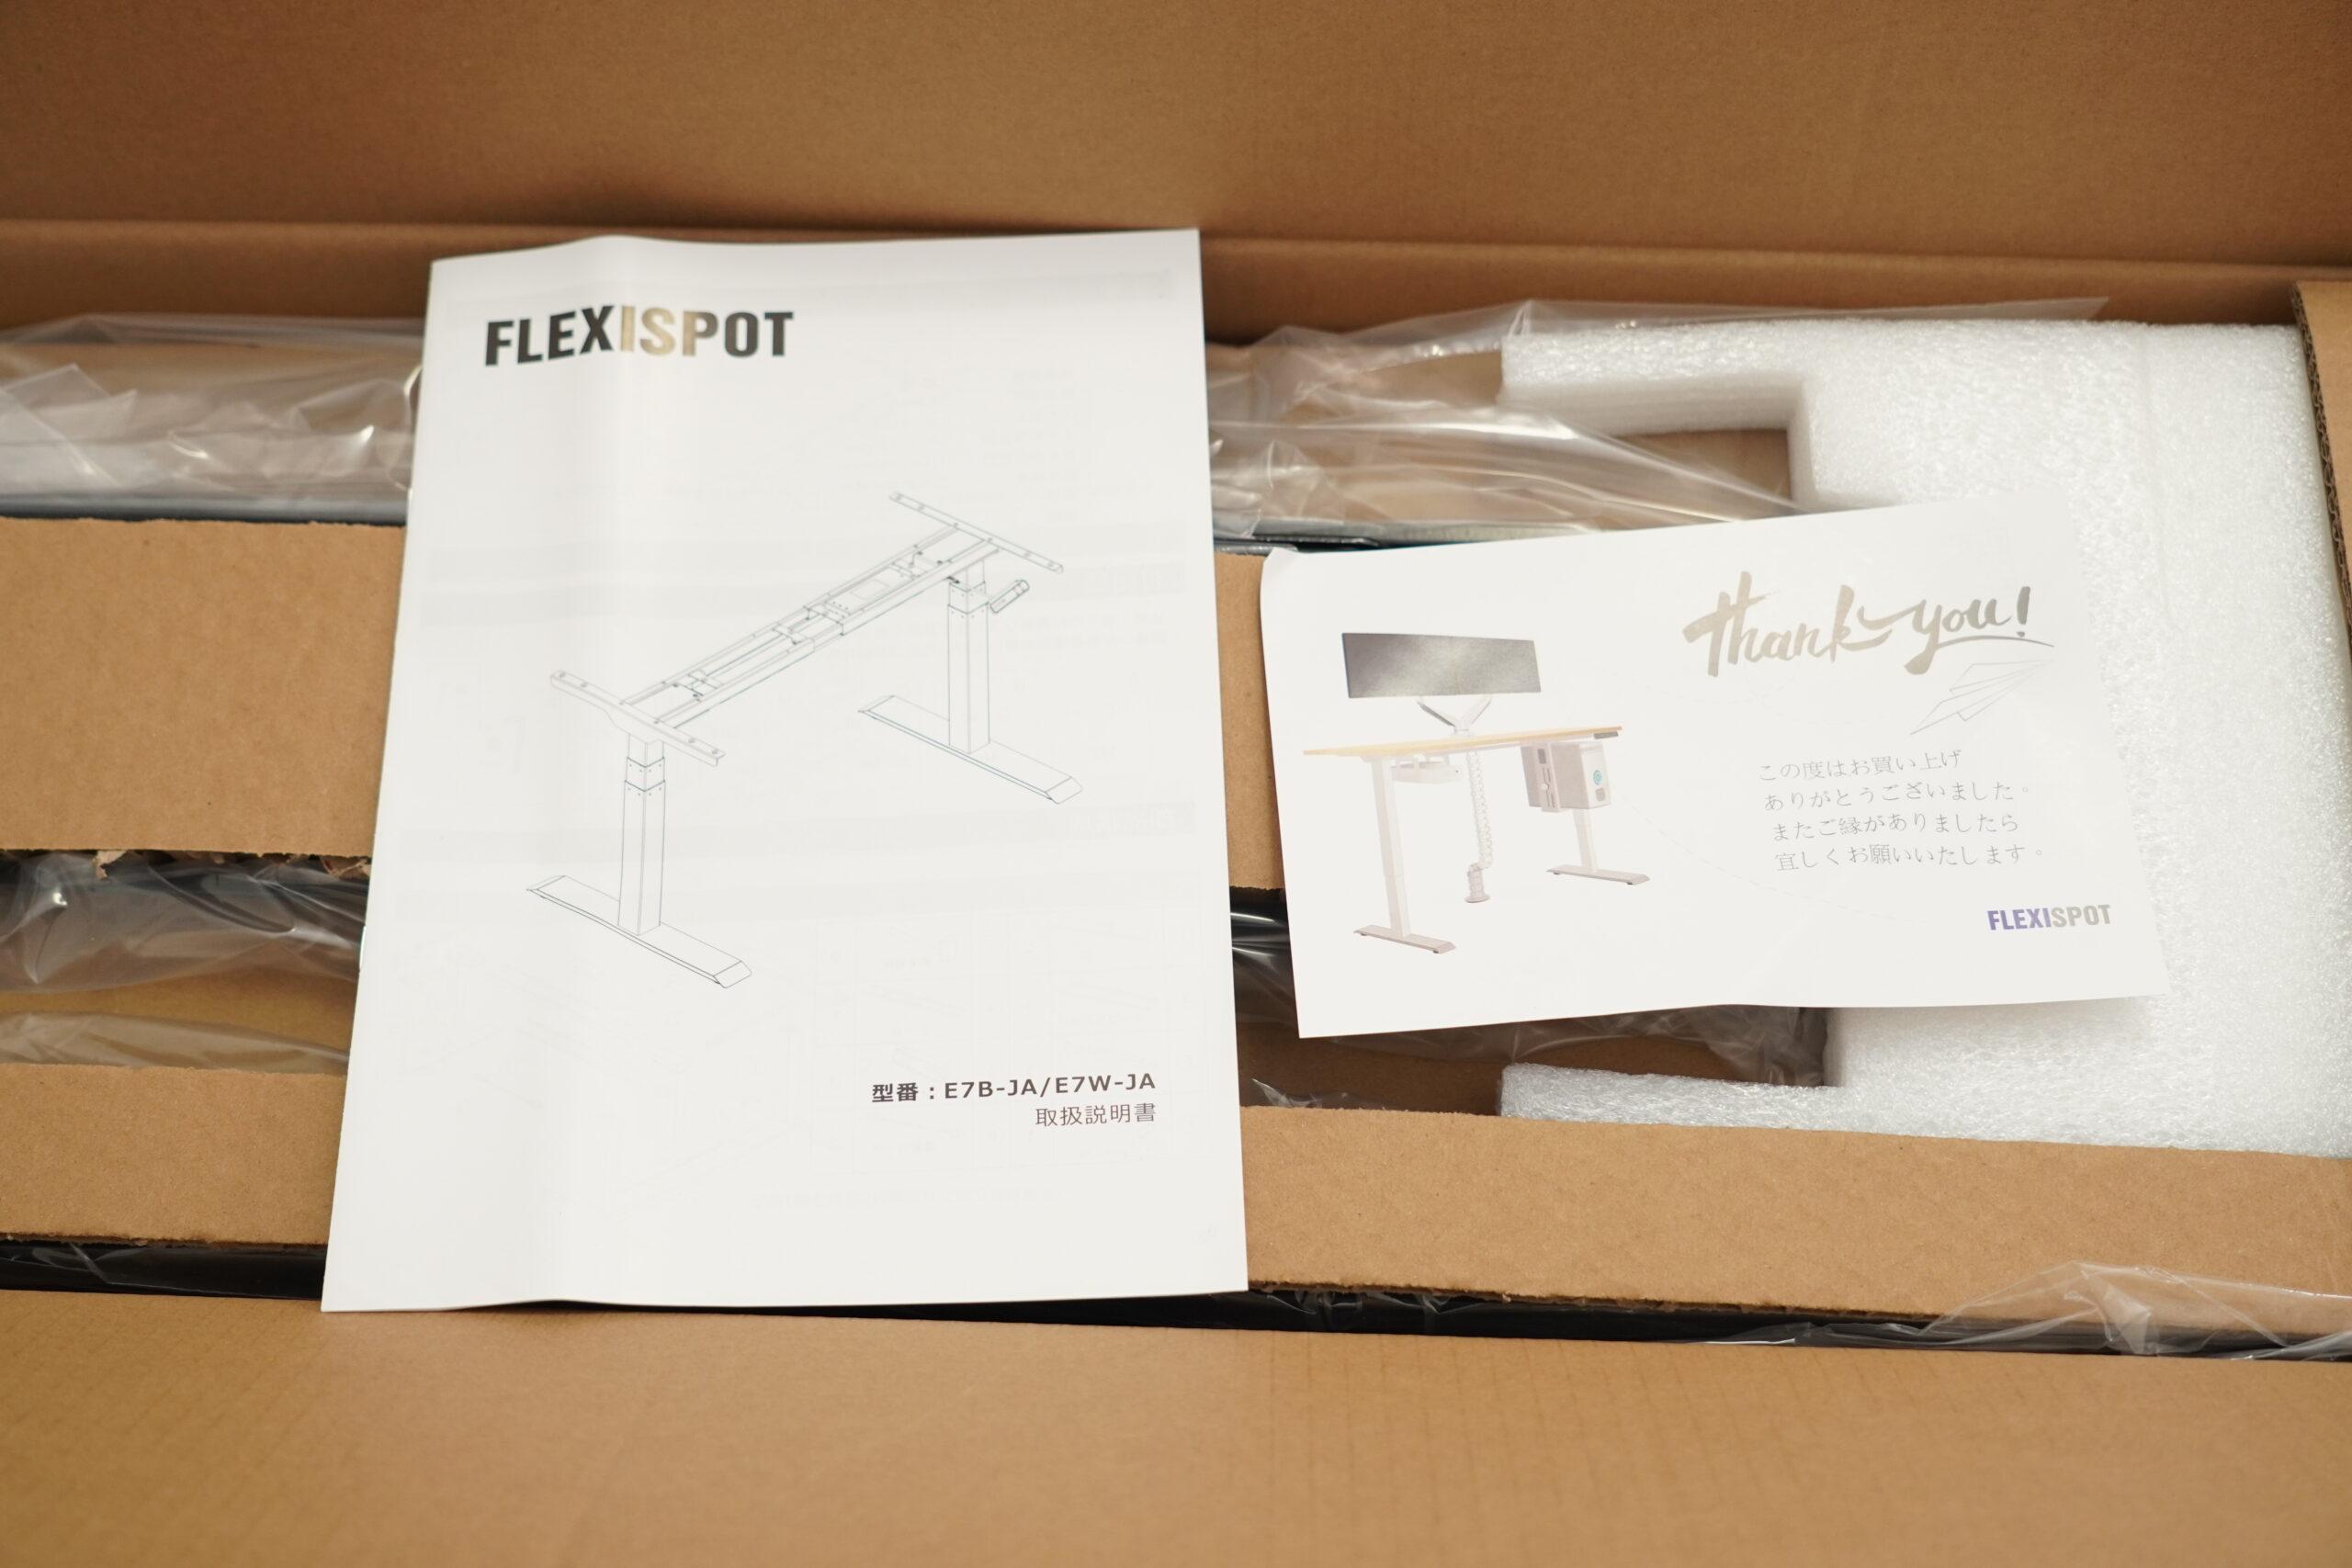 E7 flexispot 組立方法